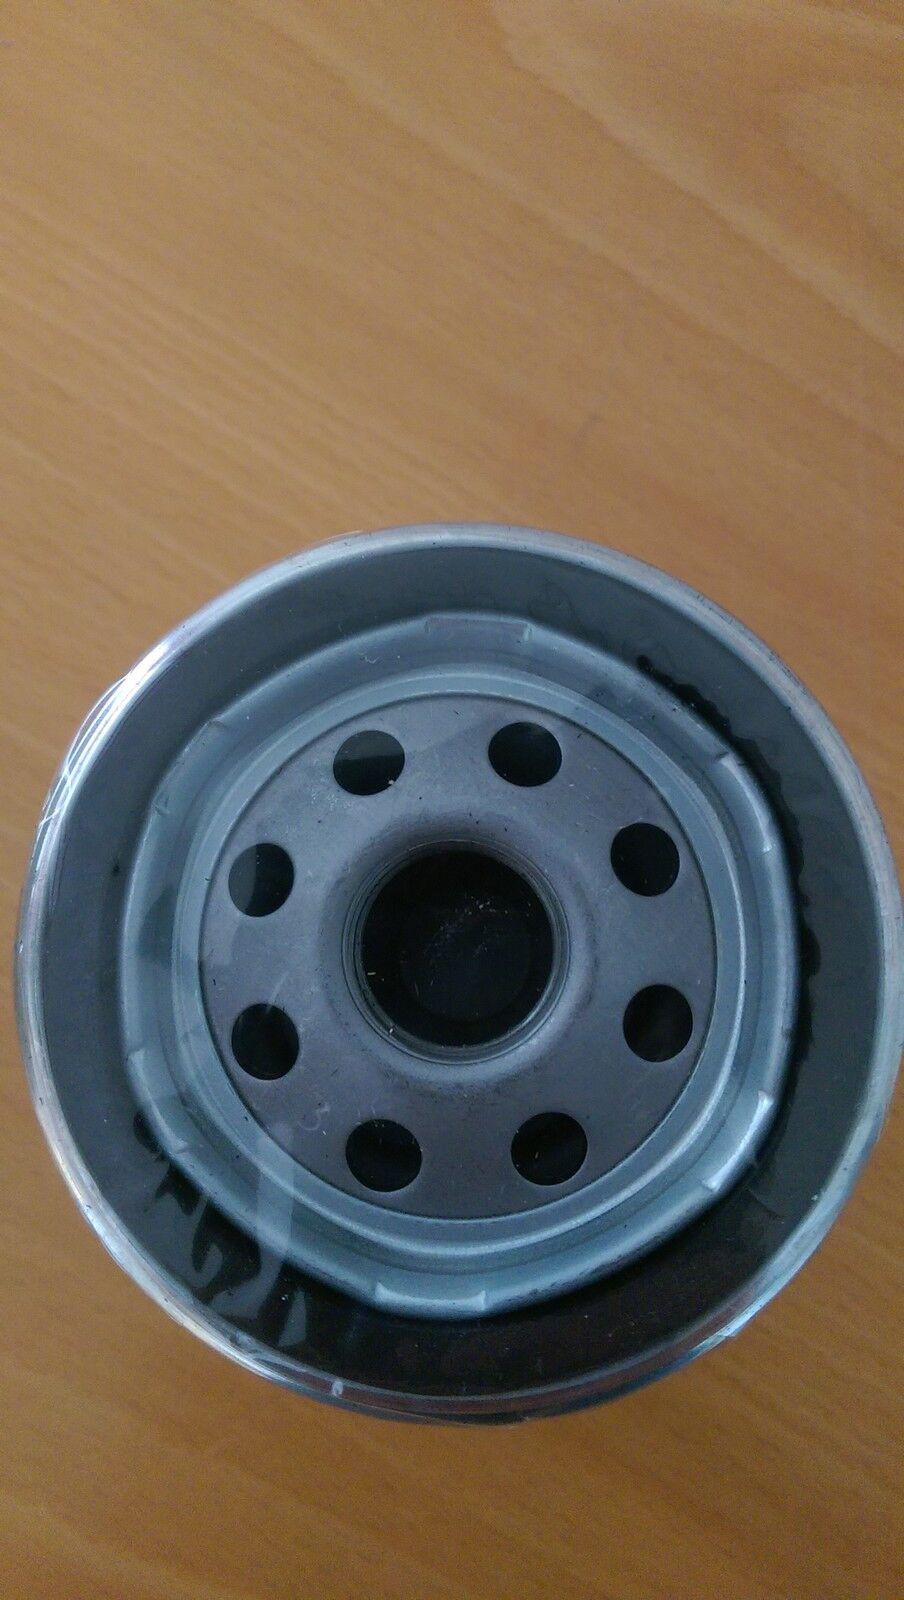 Filtre à Huile de Élévateur Transmission Filtre pour Chariot Élévateur de 0523199 adfa8a